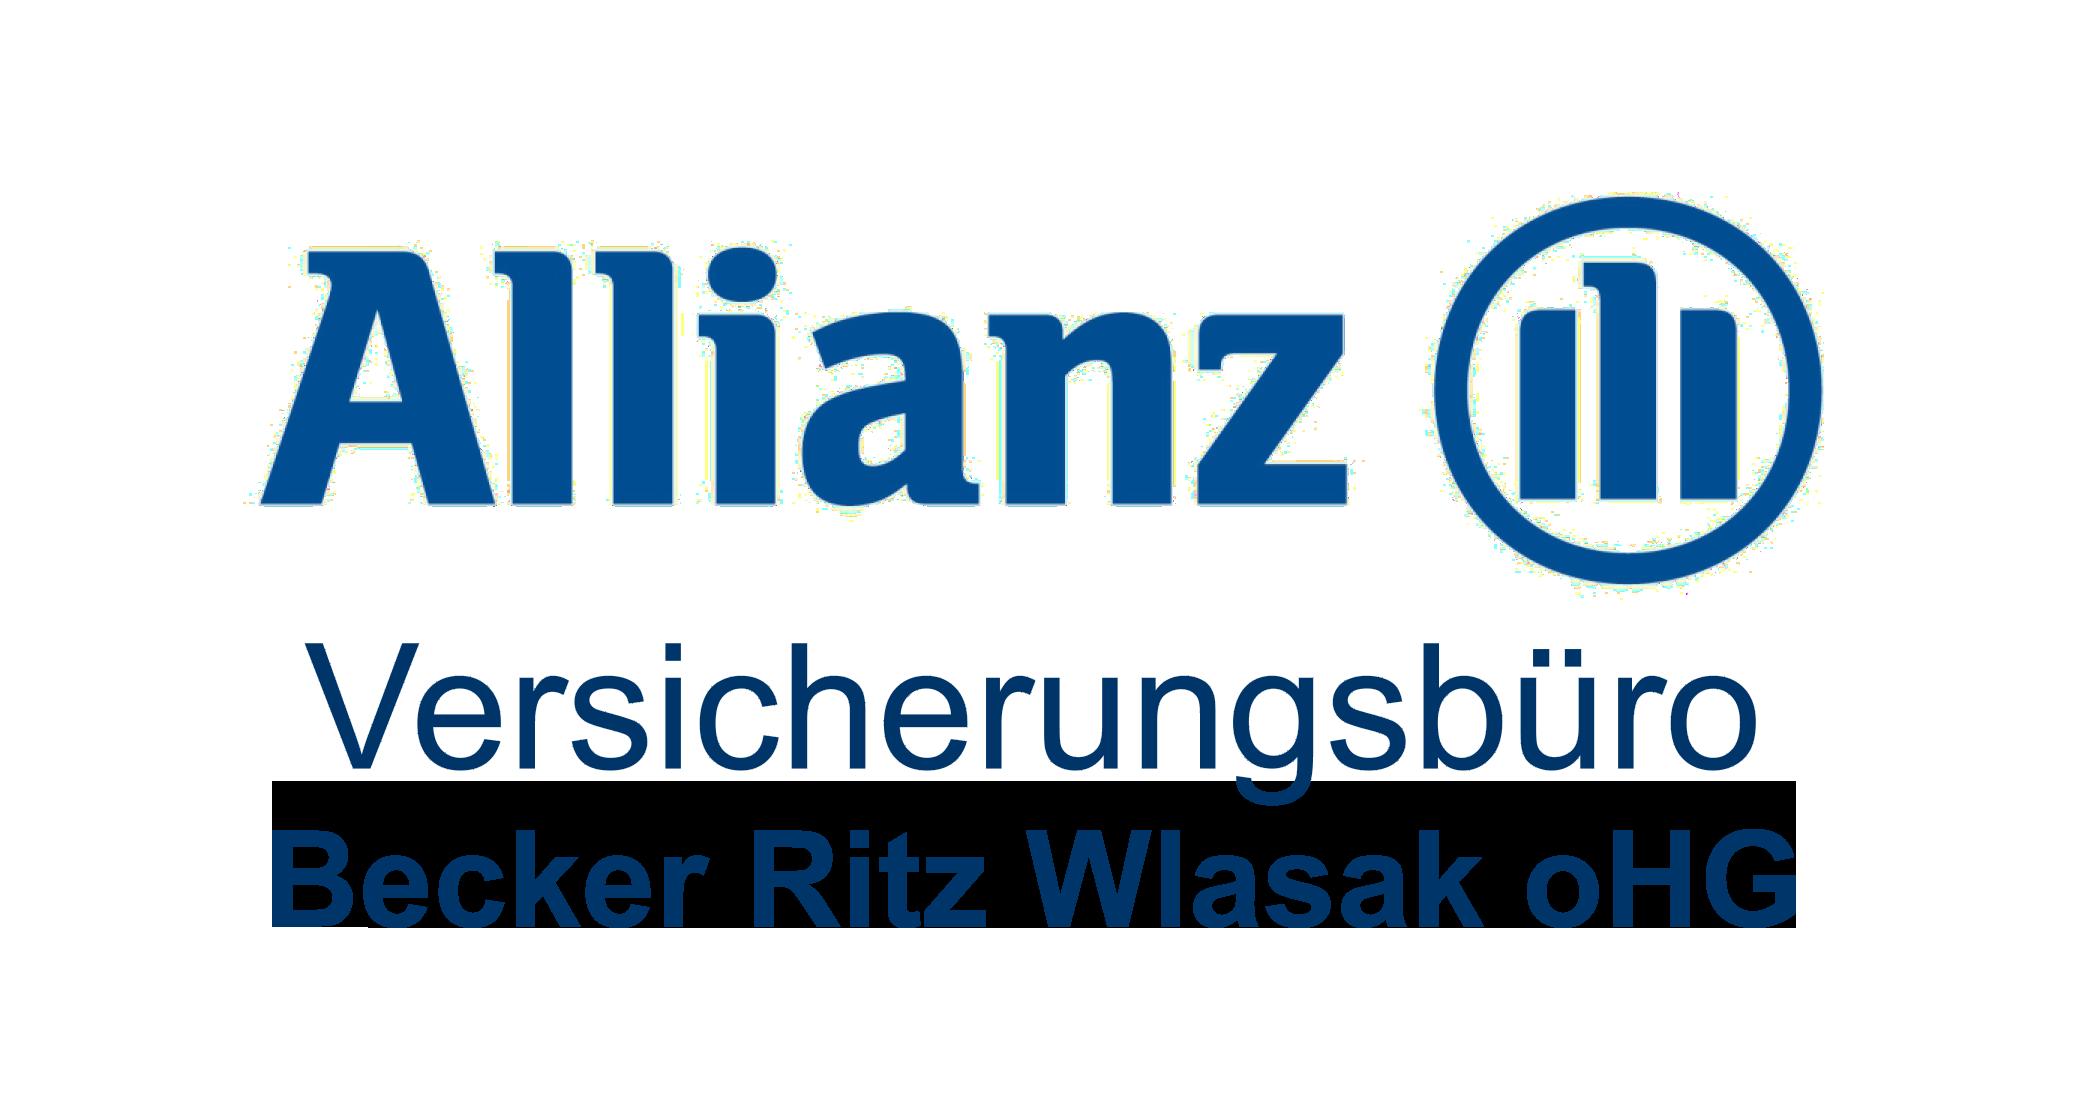 Versicherungsbüro Becker Ritz Wlasak